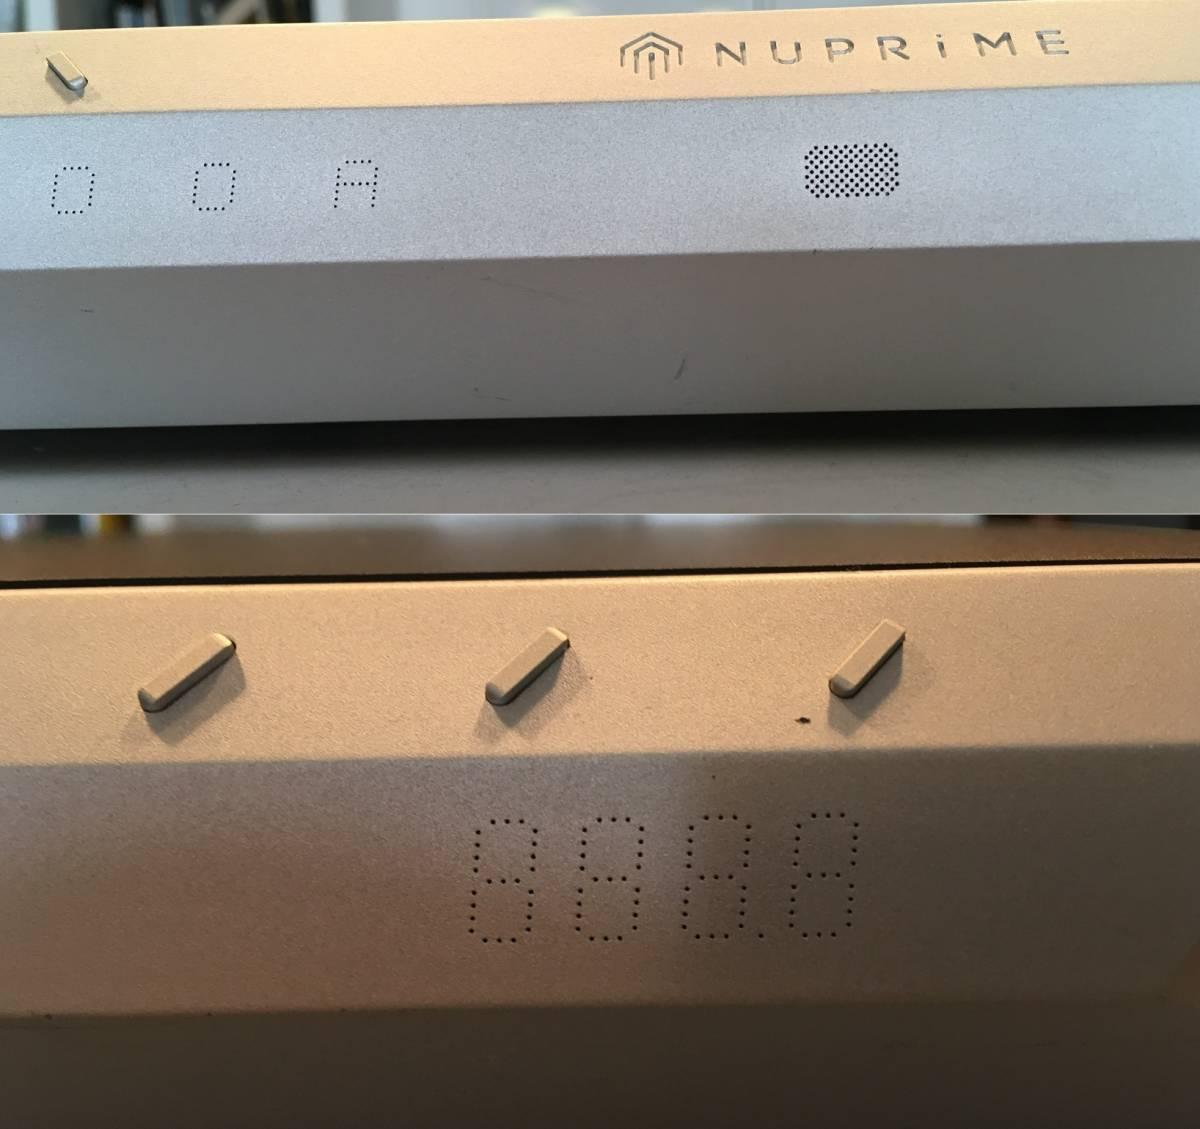 【良品】NuPrime IDA-16 Integrated Amplifier 30万円以下のプリメインでは出色の出来! D級らしからぬ太い音と澄んだ音の両立は見事!_画像4